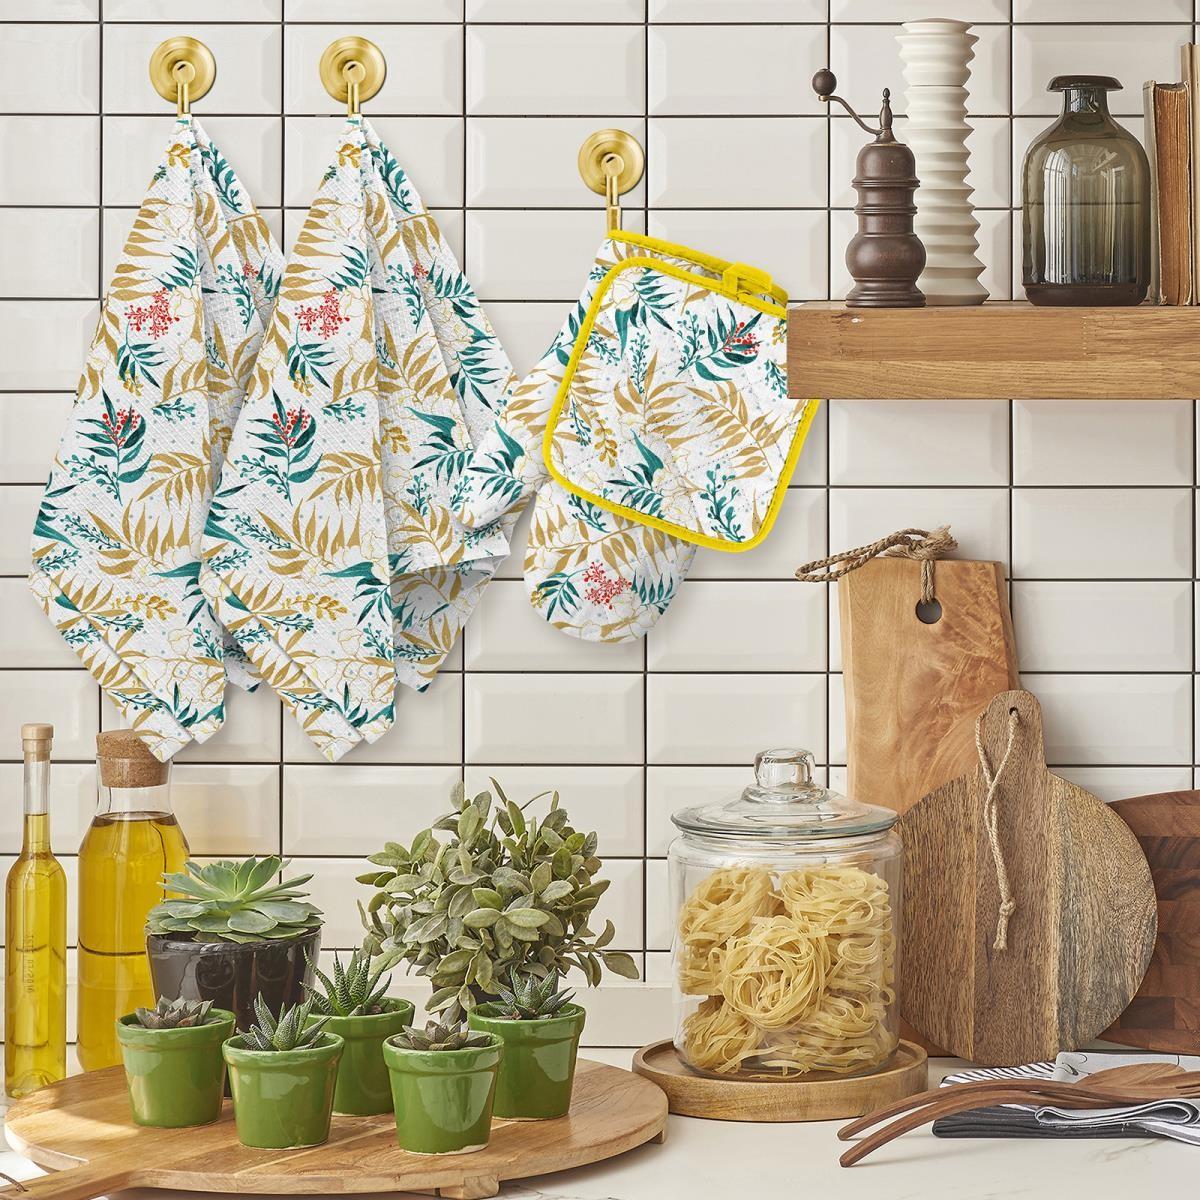 Кухонный набор Mellow (3 предмета)